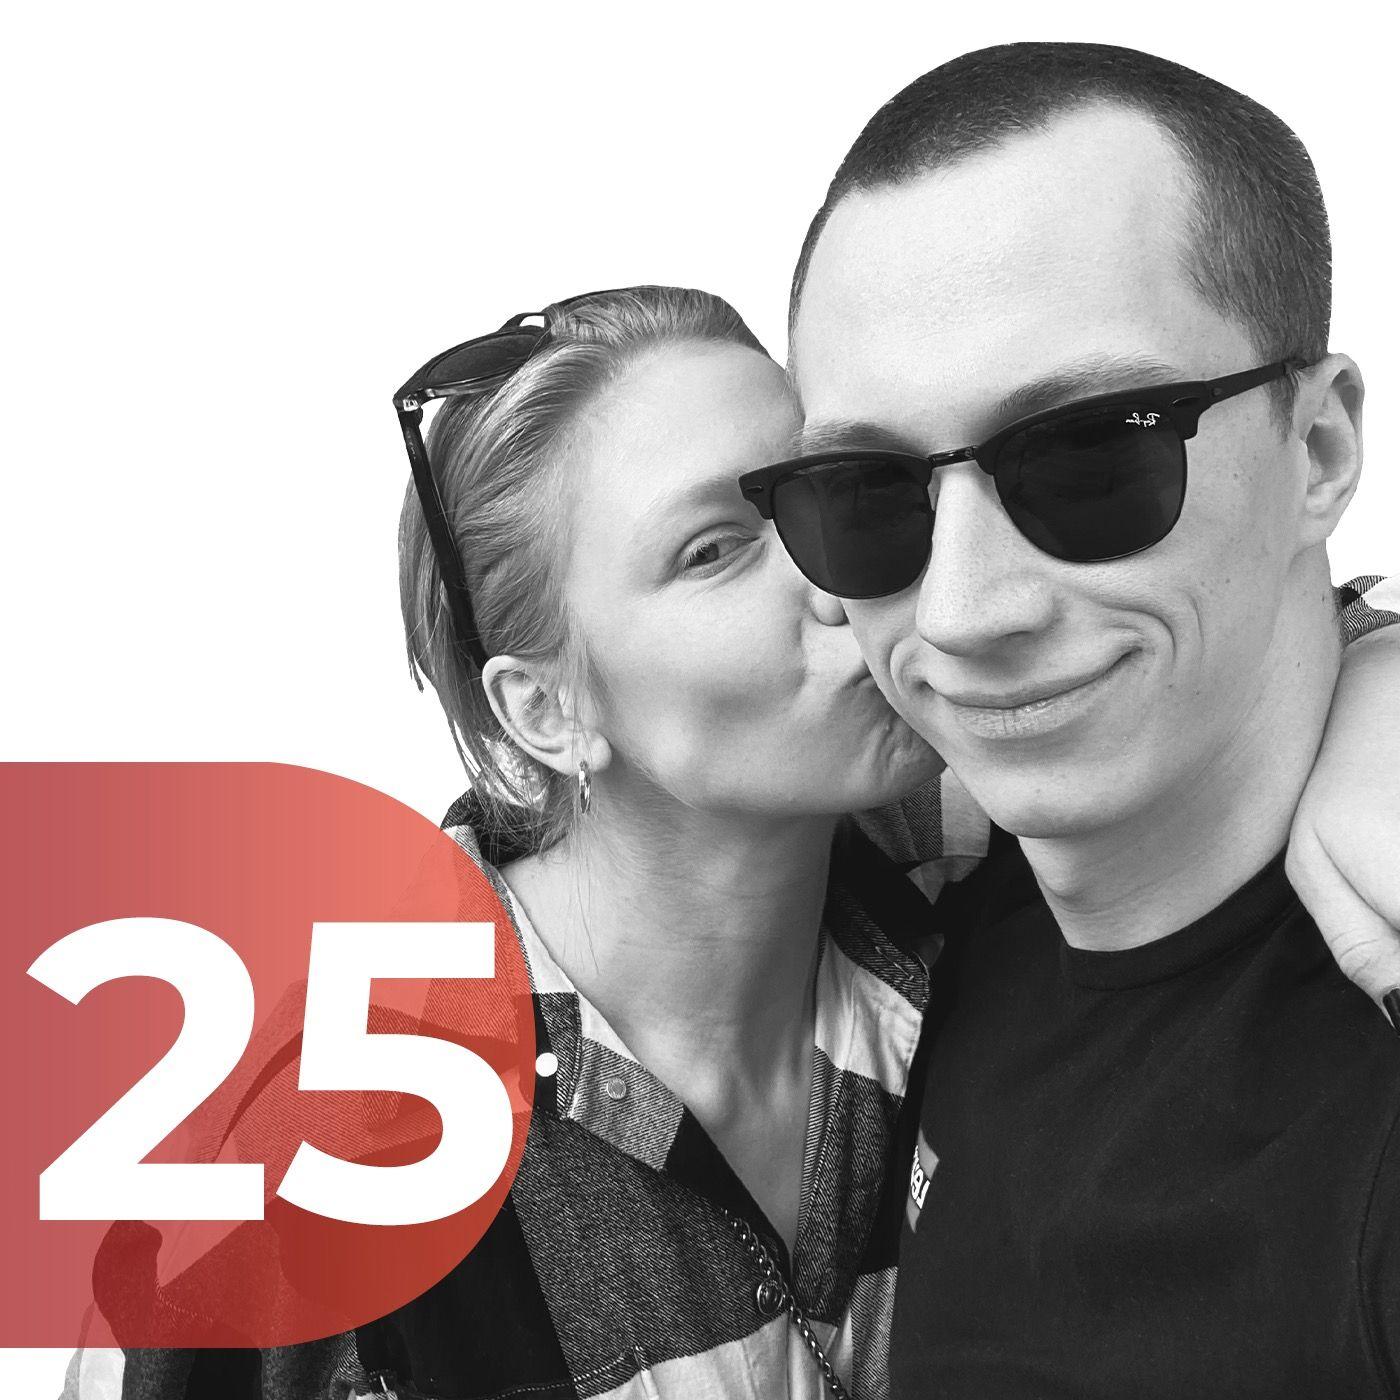 Związek, bliskość i intymność w NZJ | #25